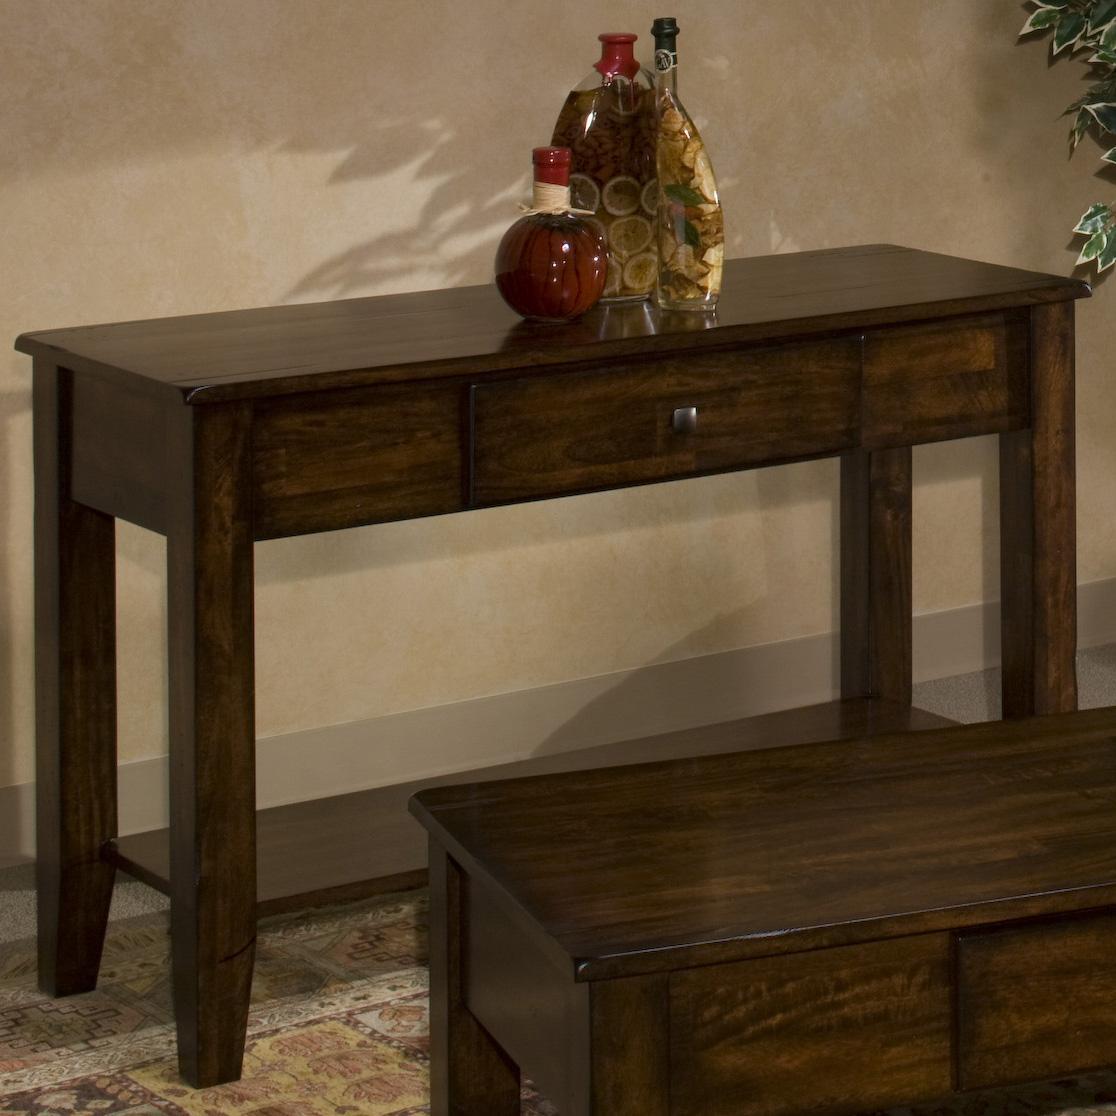 Belfort Select Cabin Creek Sofa Table - Item Number: KA-TA-4818S-RAI-C